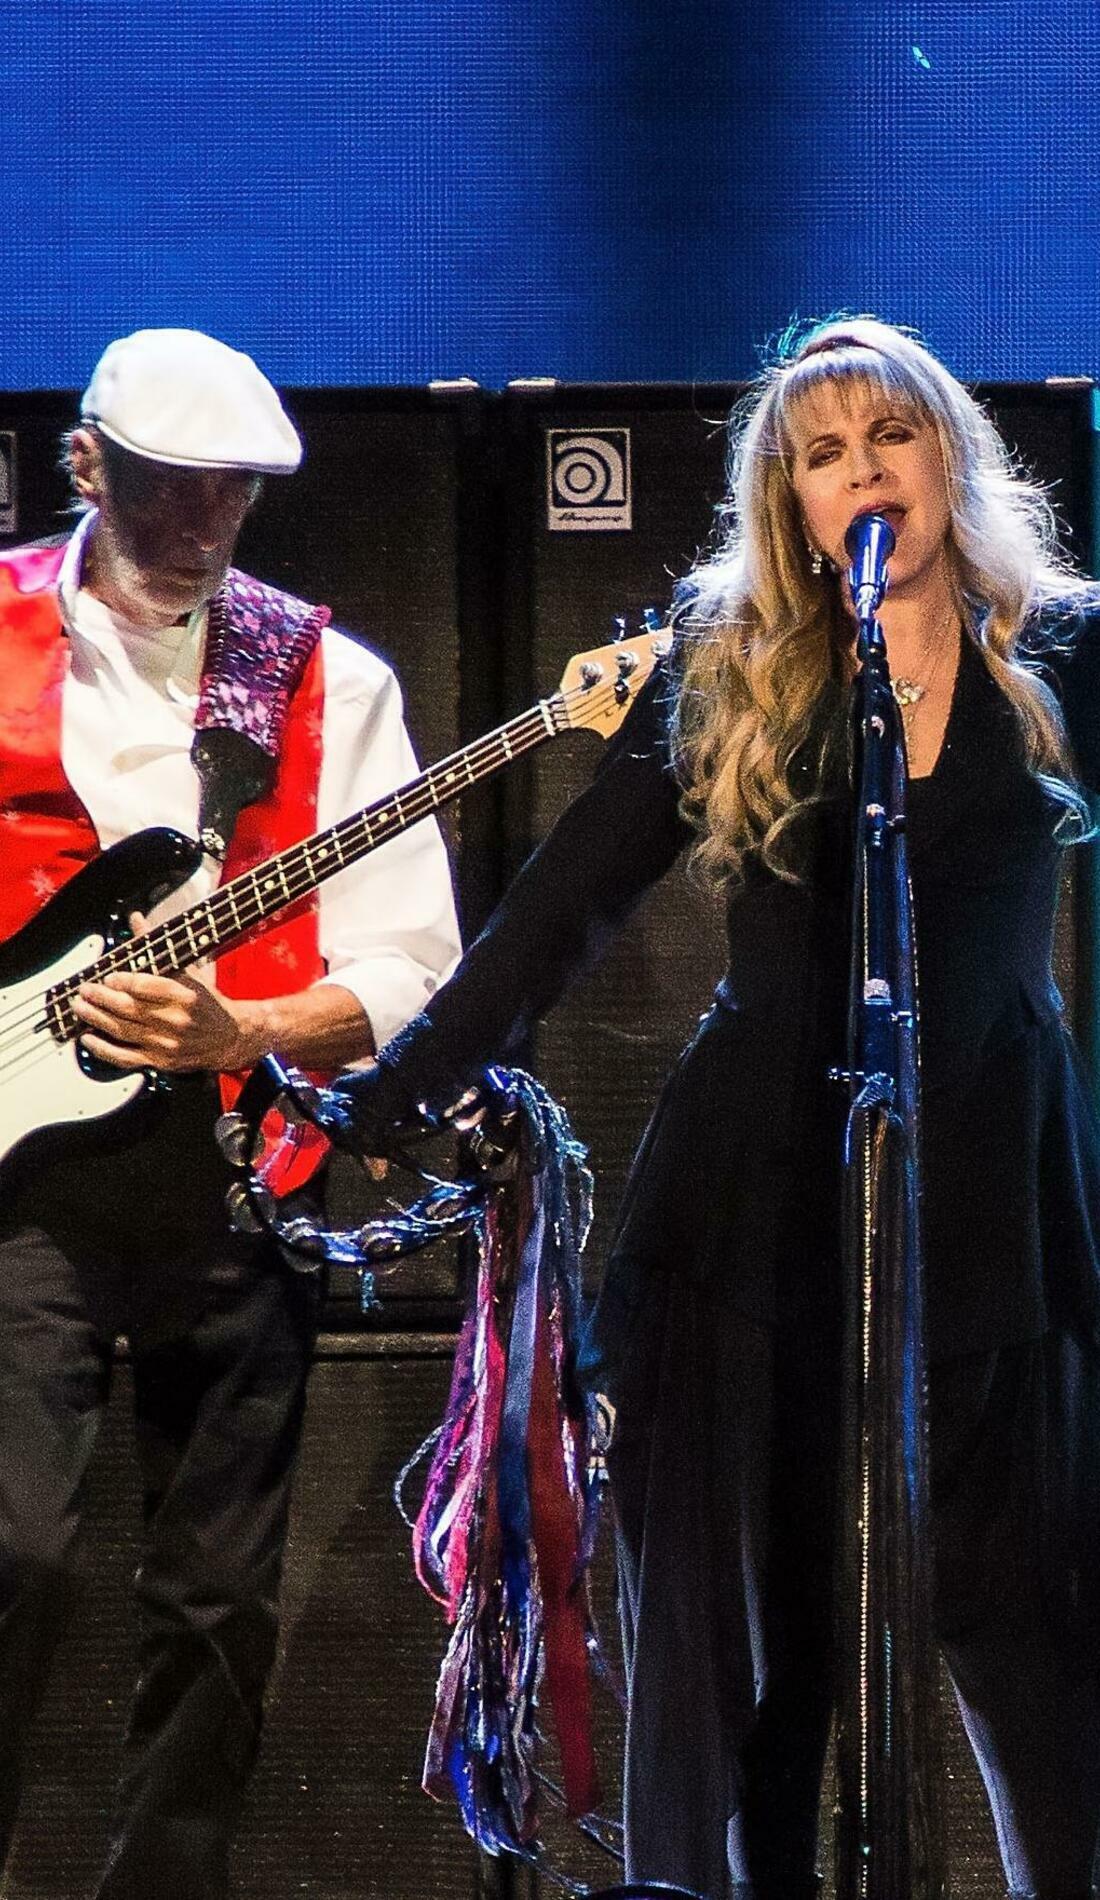 A Fleetwood Mac live event